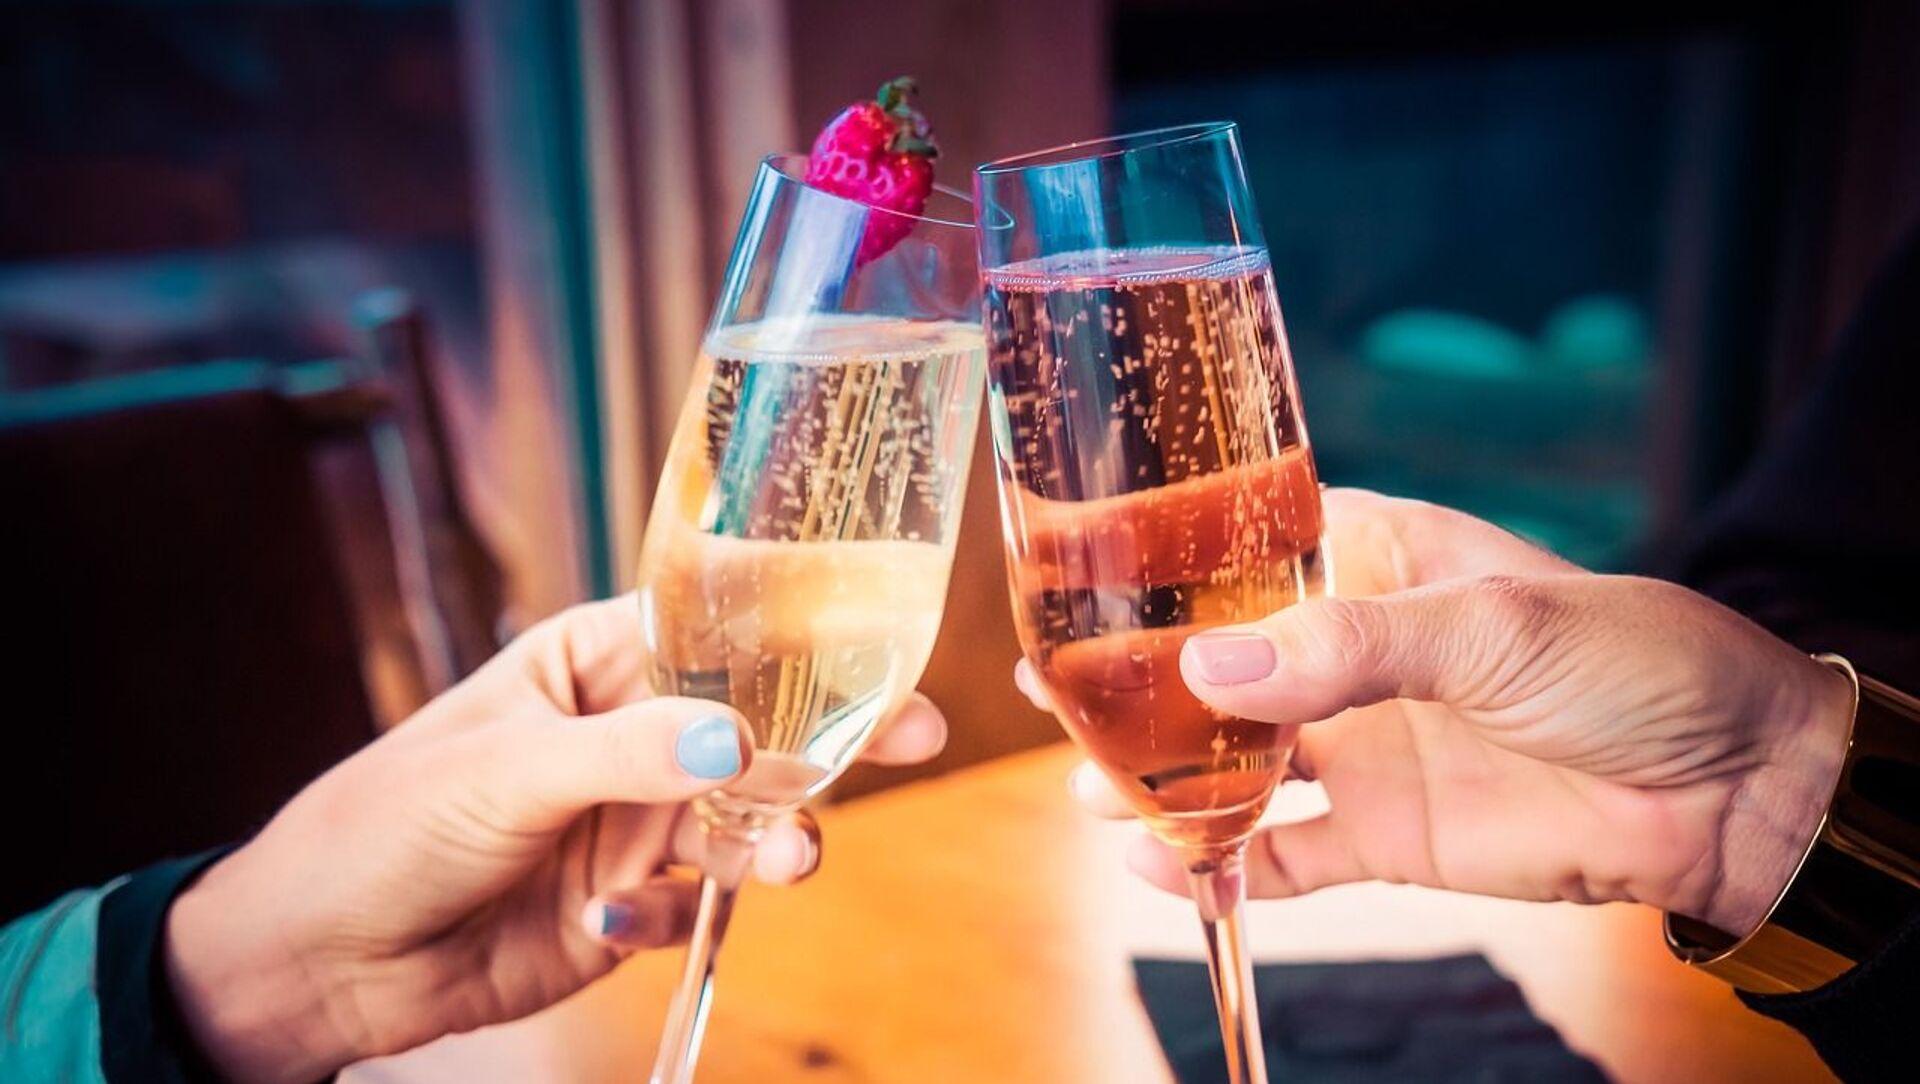 東京都 一部飲食店での酒類提供を認める方針 2人以下、30分以内 - Sputnik 日本, 1920, 18.06.2021